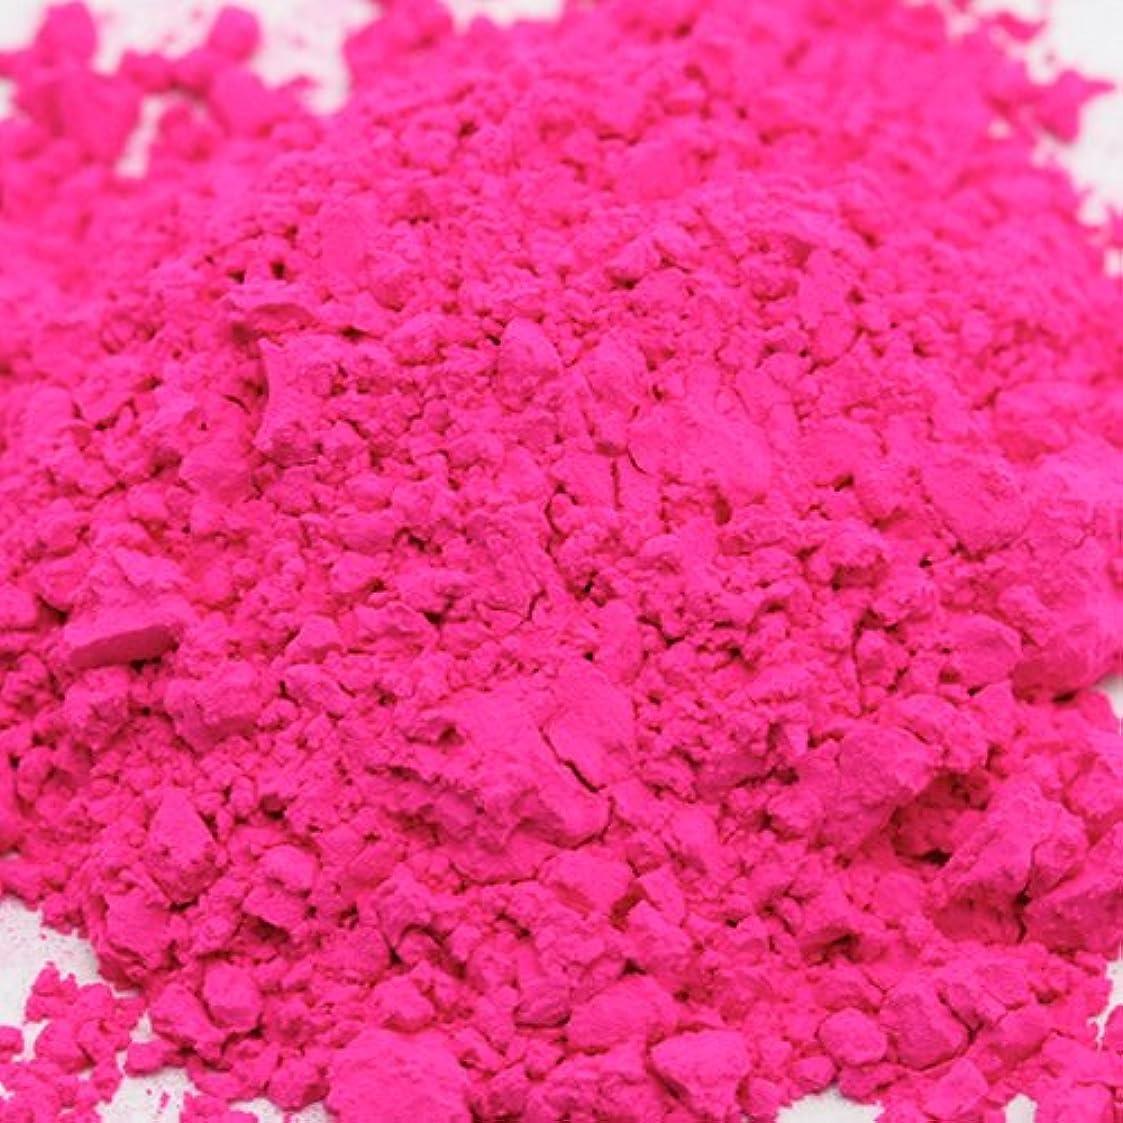 シェトランド諸島考えた仕立て屋キャンディカラー ピンク 20g 【手作り石鹸/手作りコスメ/色付け/カラーラント】